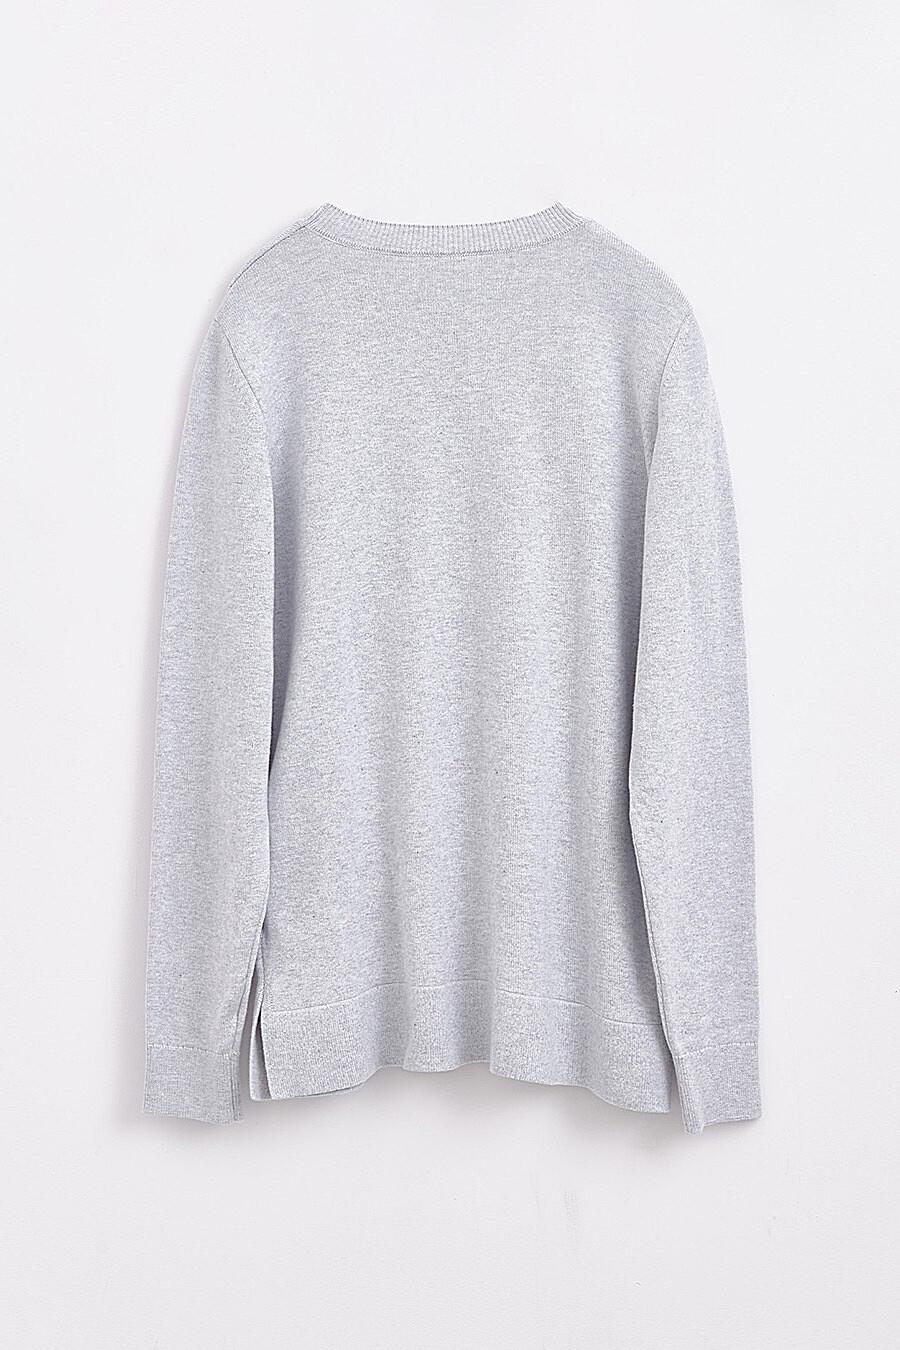 Джемпер CONTE ELEGANT (700199), купить в Moyo.moda